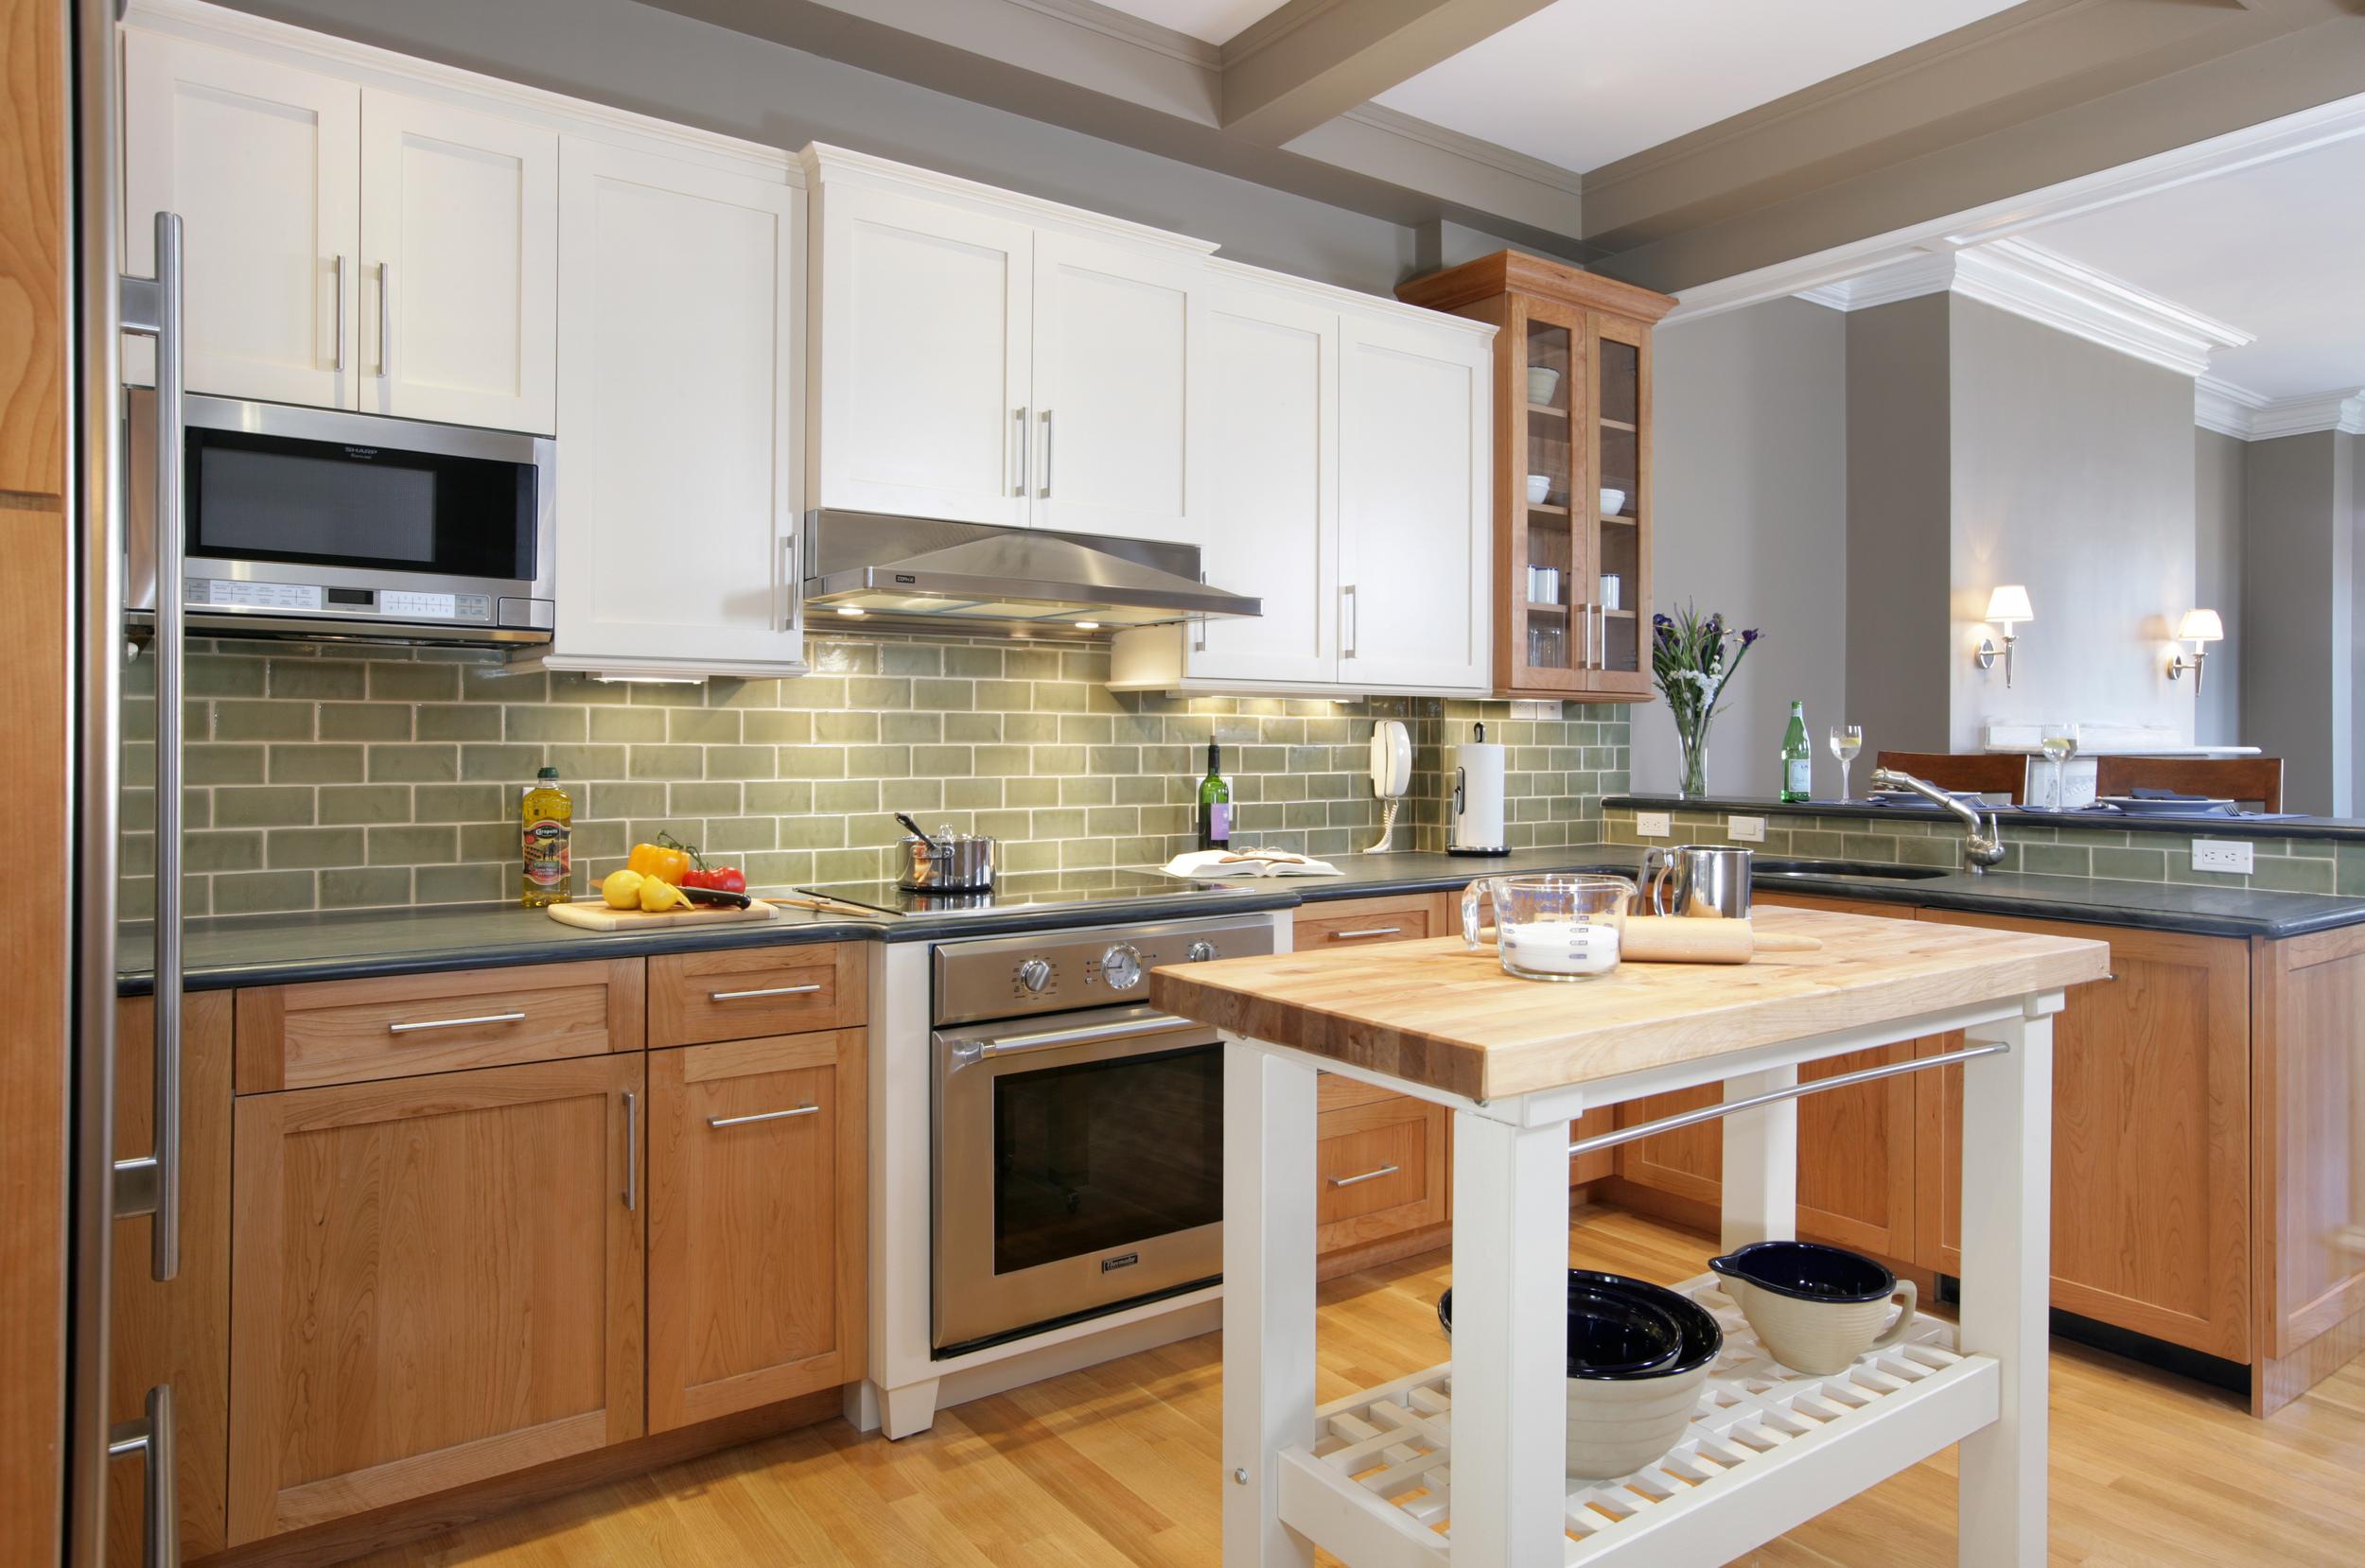 Marlbor_After.kitchen1_HiRes.jpg